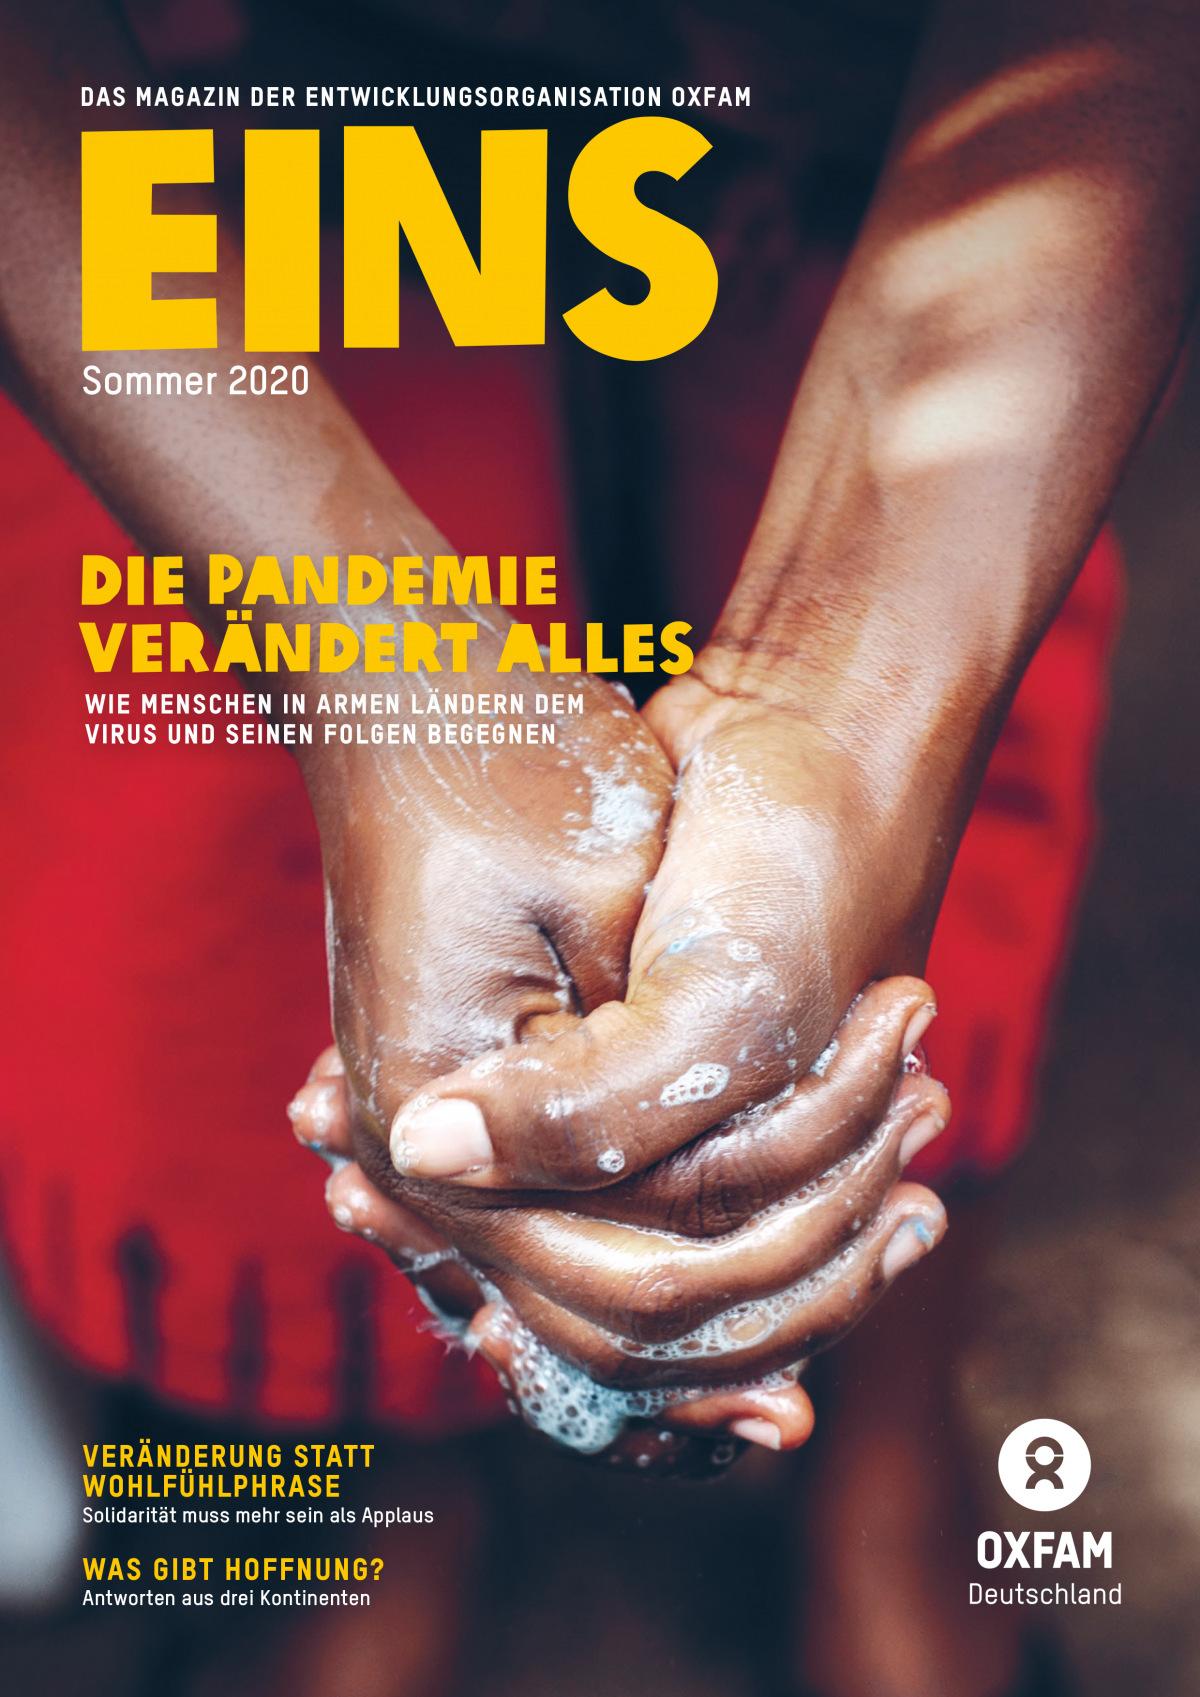 Titelbild der EINS-Sommerausgabe 2020